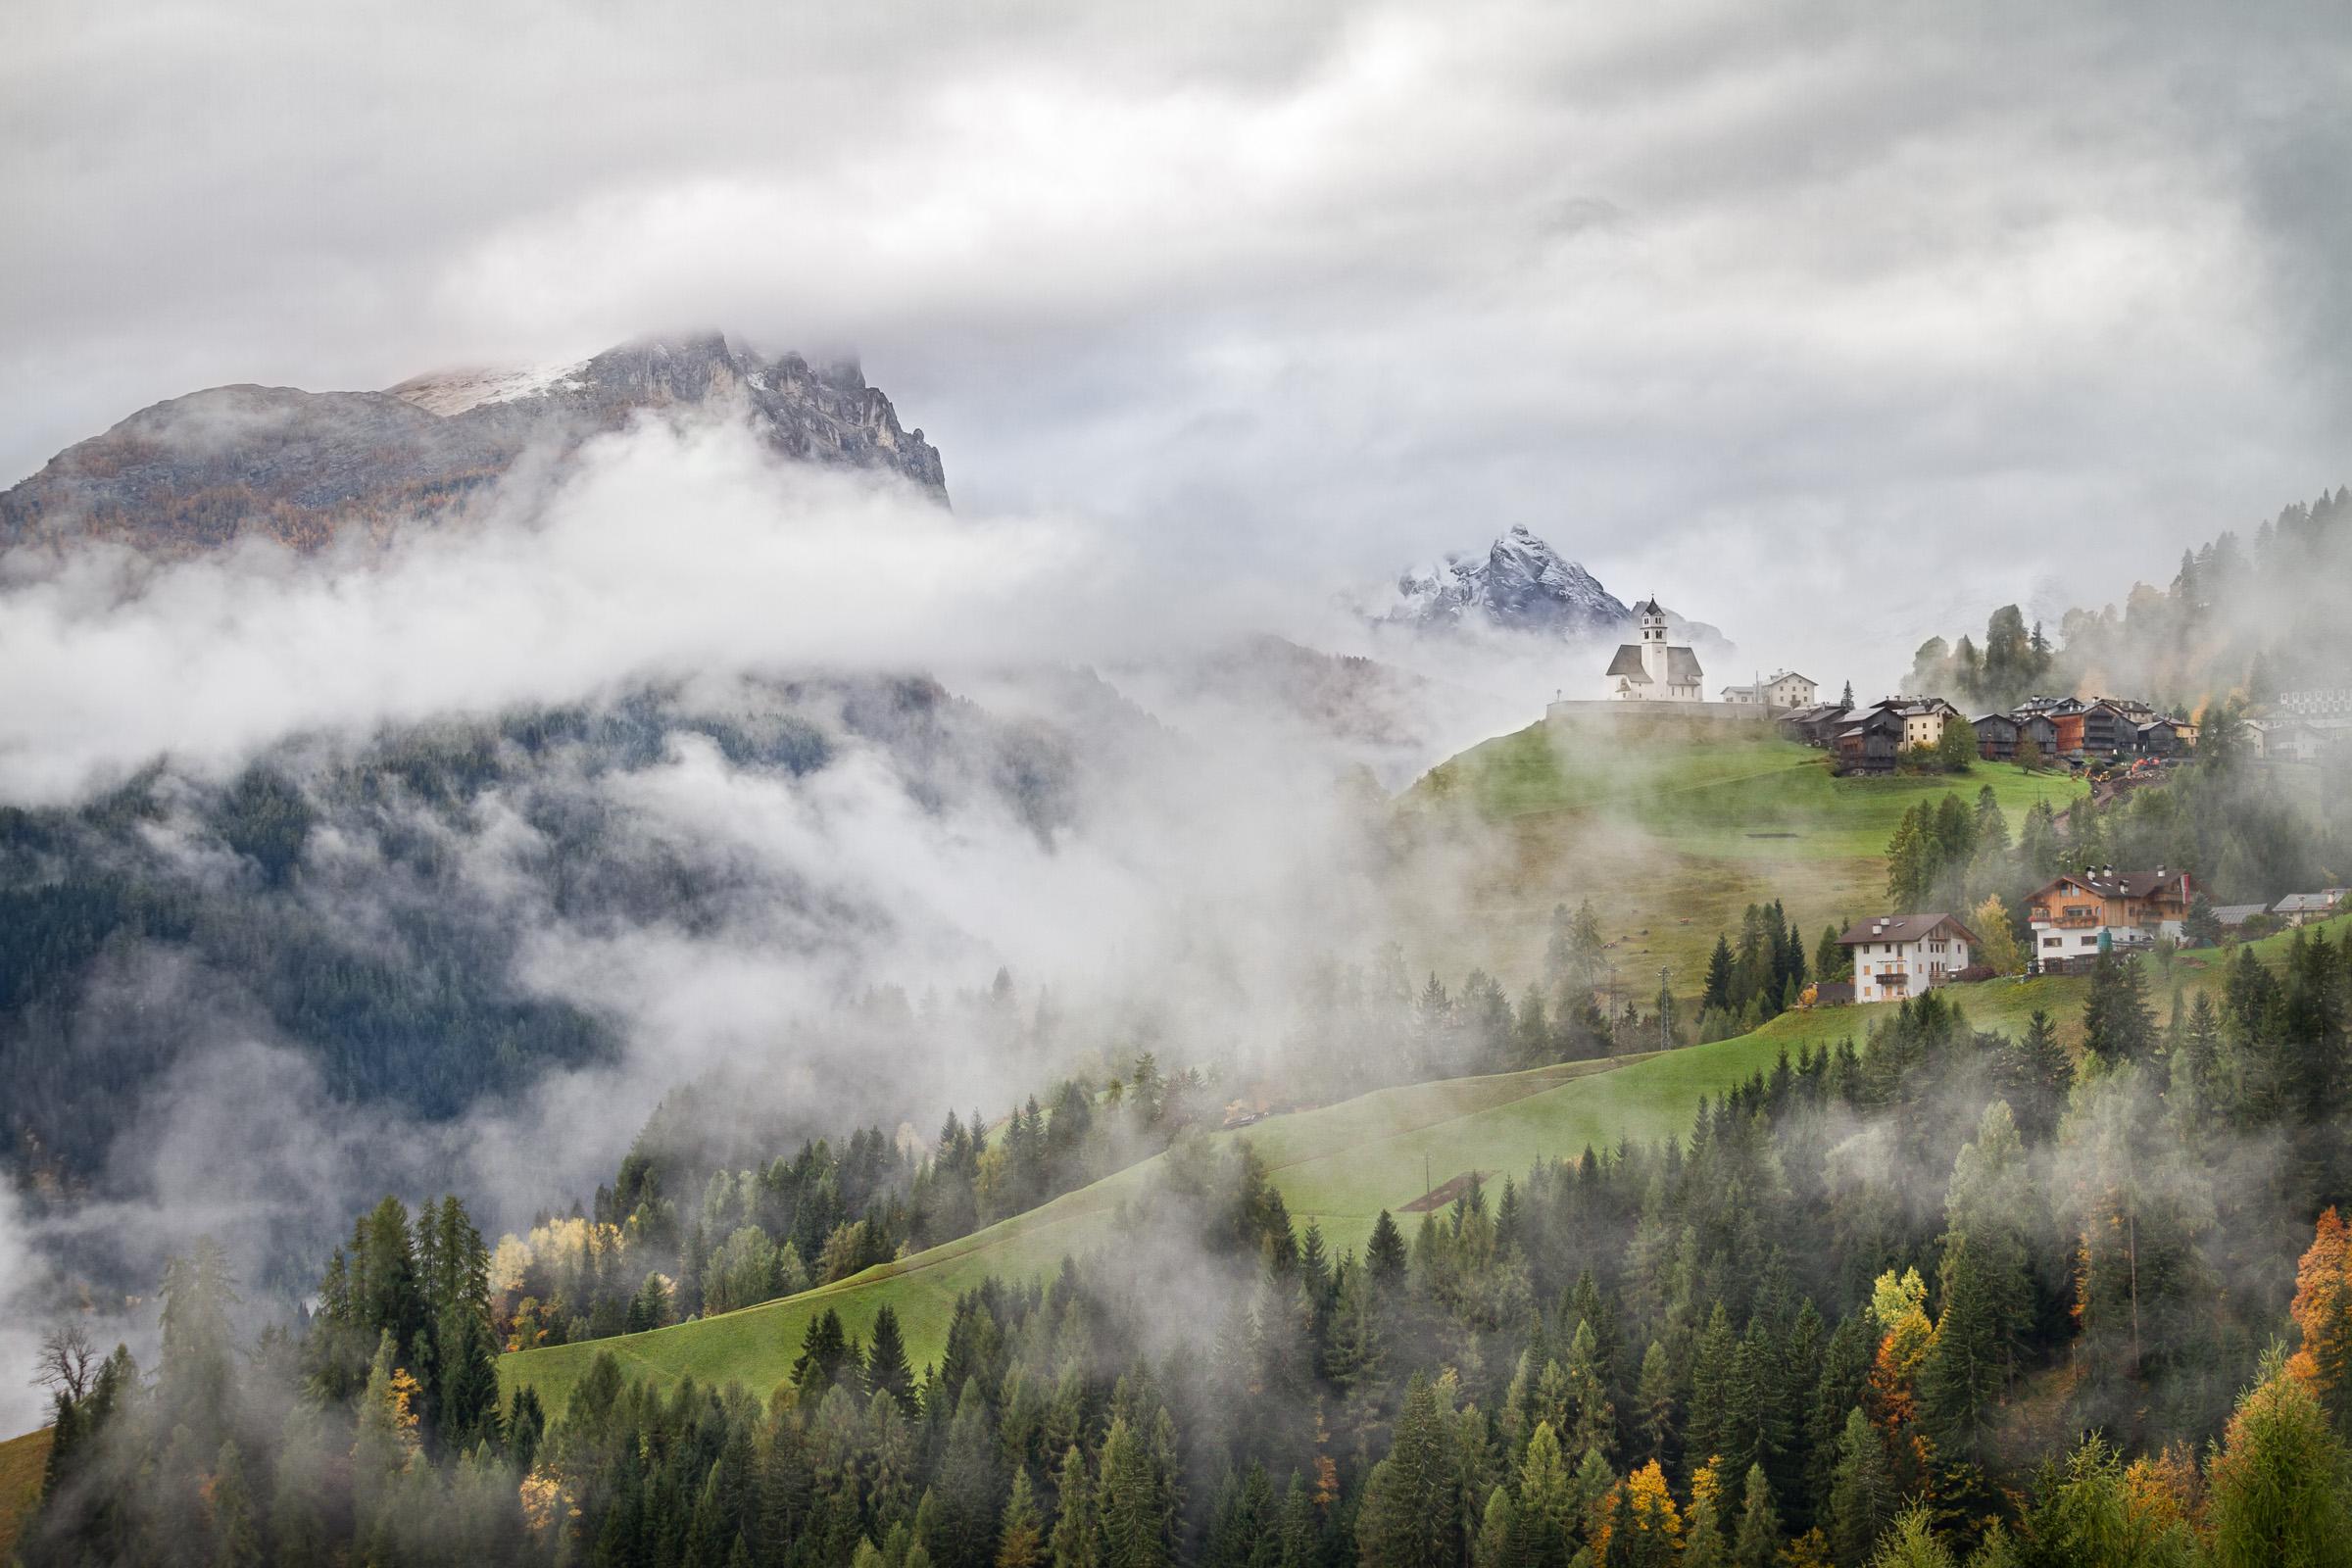 Colle di Santa Lucia, Dolomites, Italy